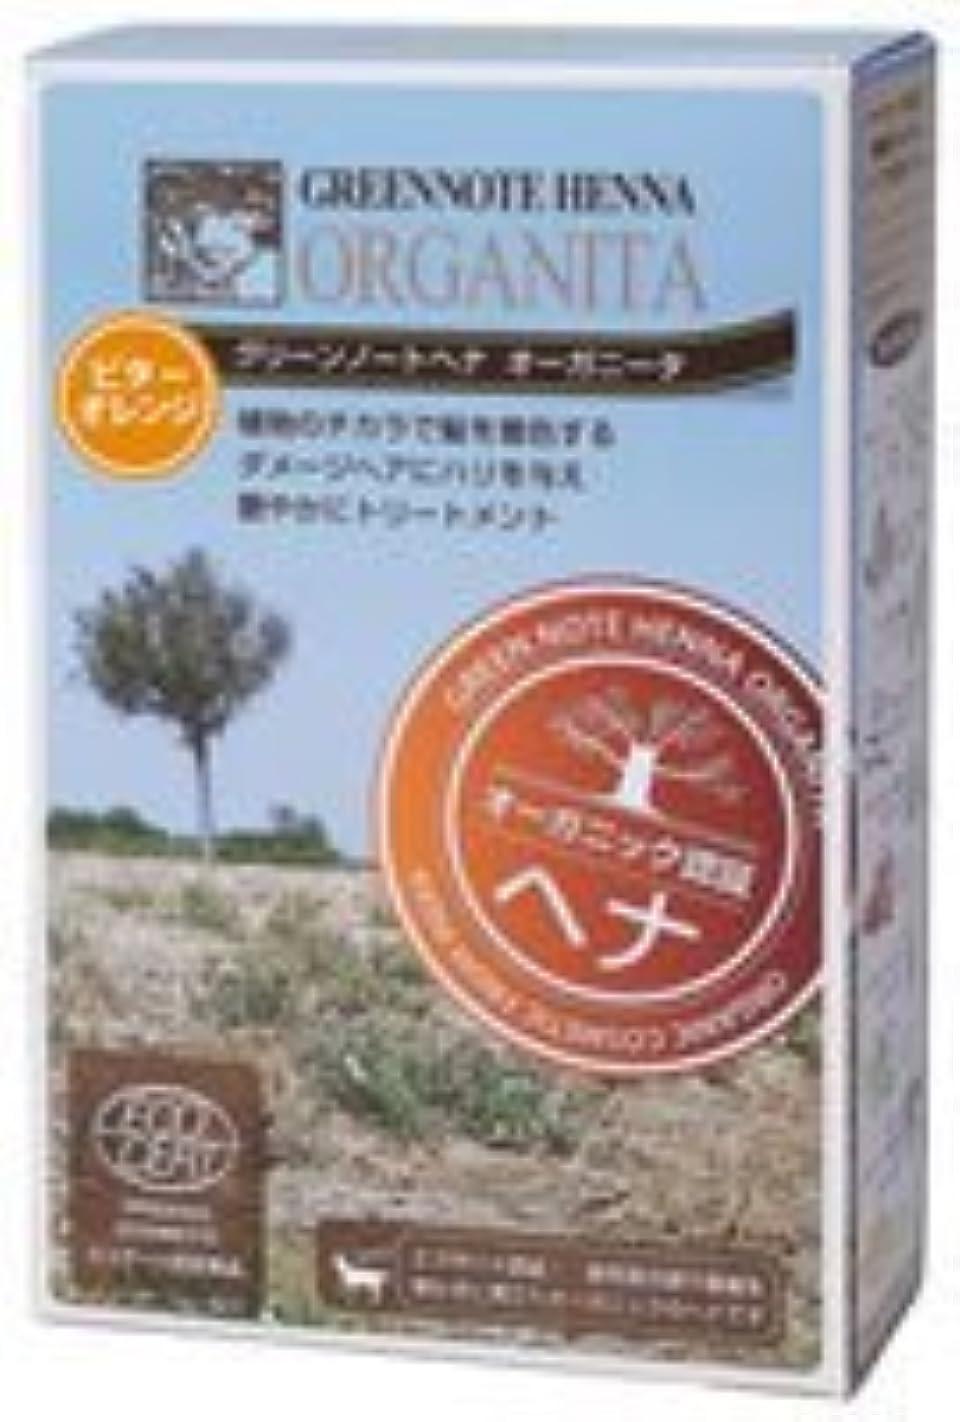 融合特派員ネイティブグリーンノートヘナ オーガニータ ビターオレンジ 100g×2箱セット